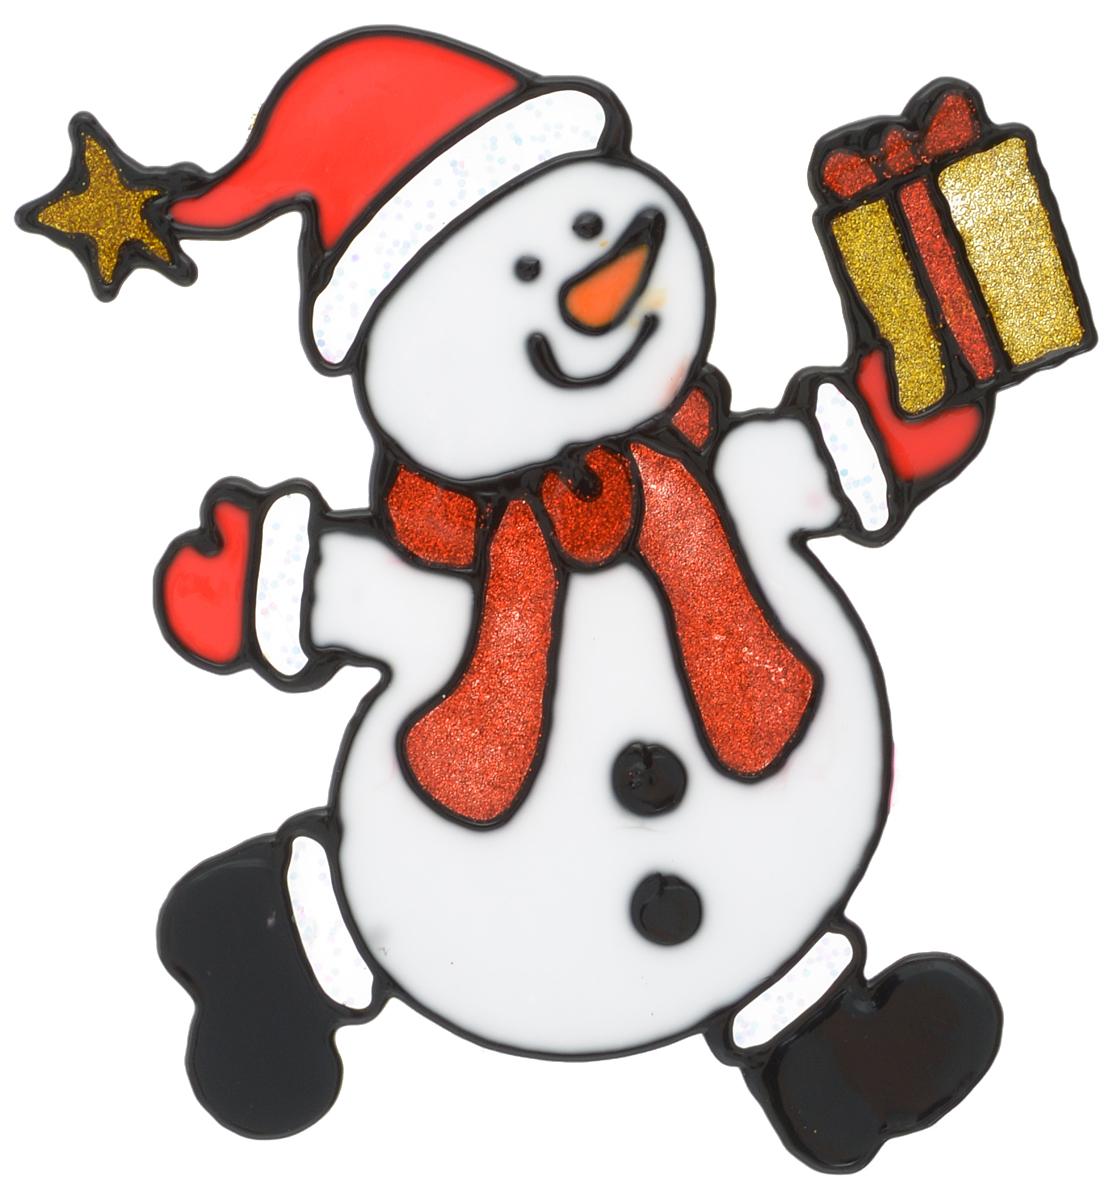 Наклейка на окно Erich Krause Сюрприз, 14,5 х 13,5 см38610Наклейка на окно Erich Krause Сюрприз выполнена в виде снеговика с подарком.С помощью больших витражных наклеек на окно Erich Krause можно составлять на стекле целые зимние сюжеты, которые будут радовать глаз, и поднимать настроение в праздничные дни! Так же Вы можете преподнести этот сувенир в качестве мини-презента коллегам, близким и друзьям с пожеланиями счастливого Нового Года!Размер наклейки: 14,5 х 13,5 см